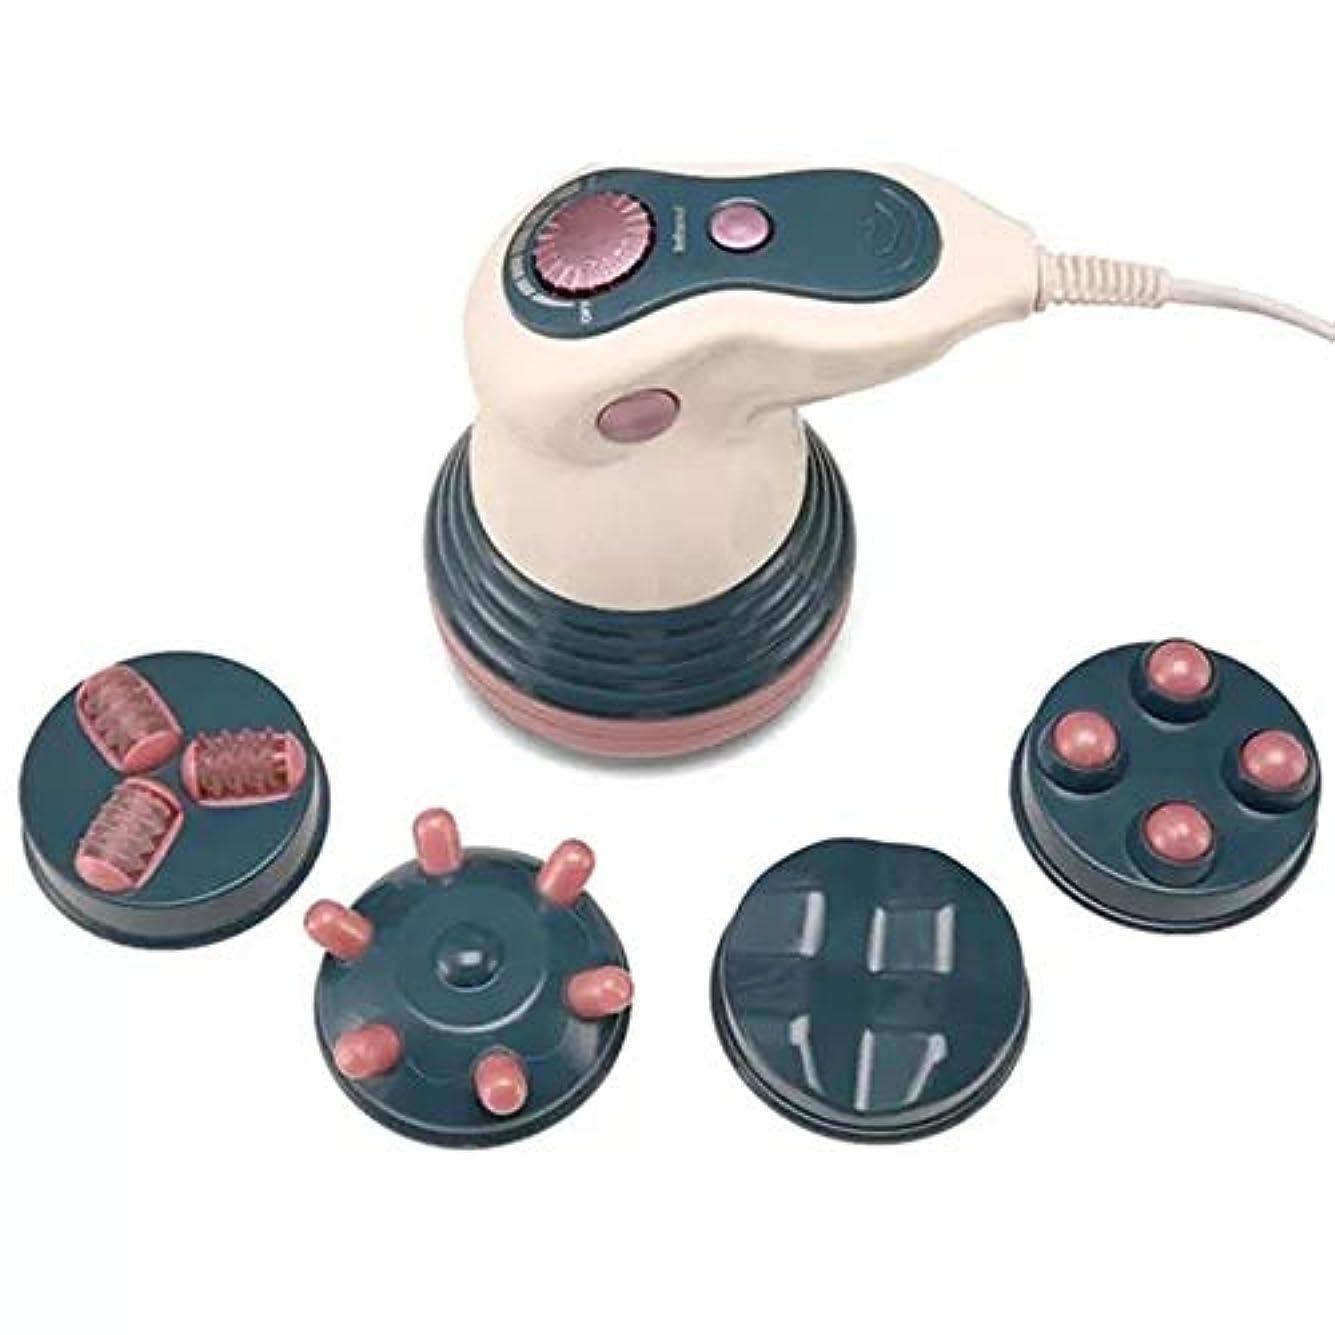 満足させるお母さんキャリア機械緩和を細くする1つの電気赤外線全身のマッサージャー用具の減量の反セルライトに付き4つ